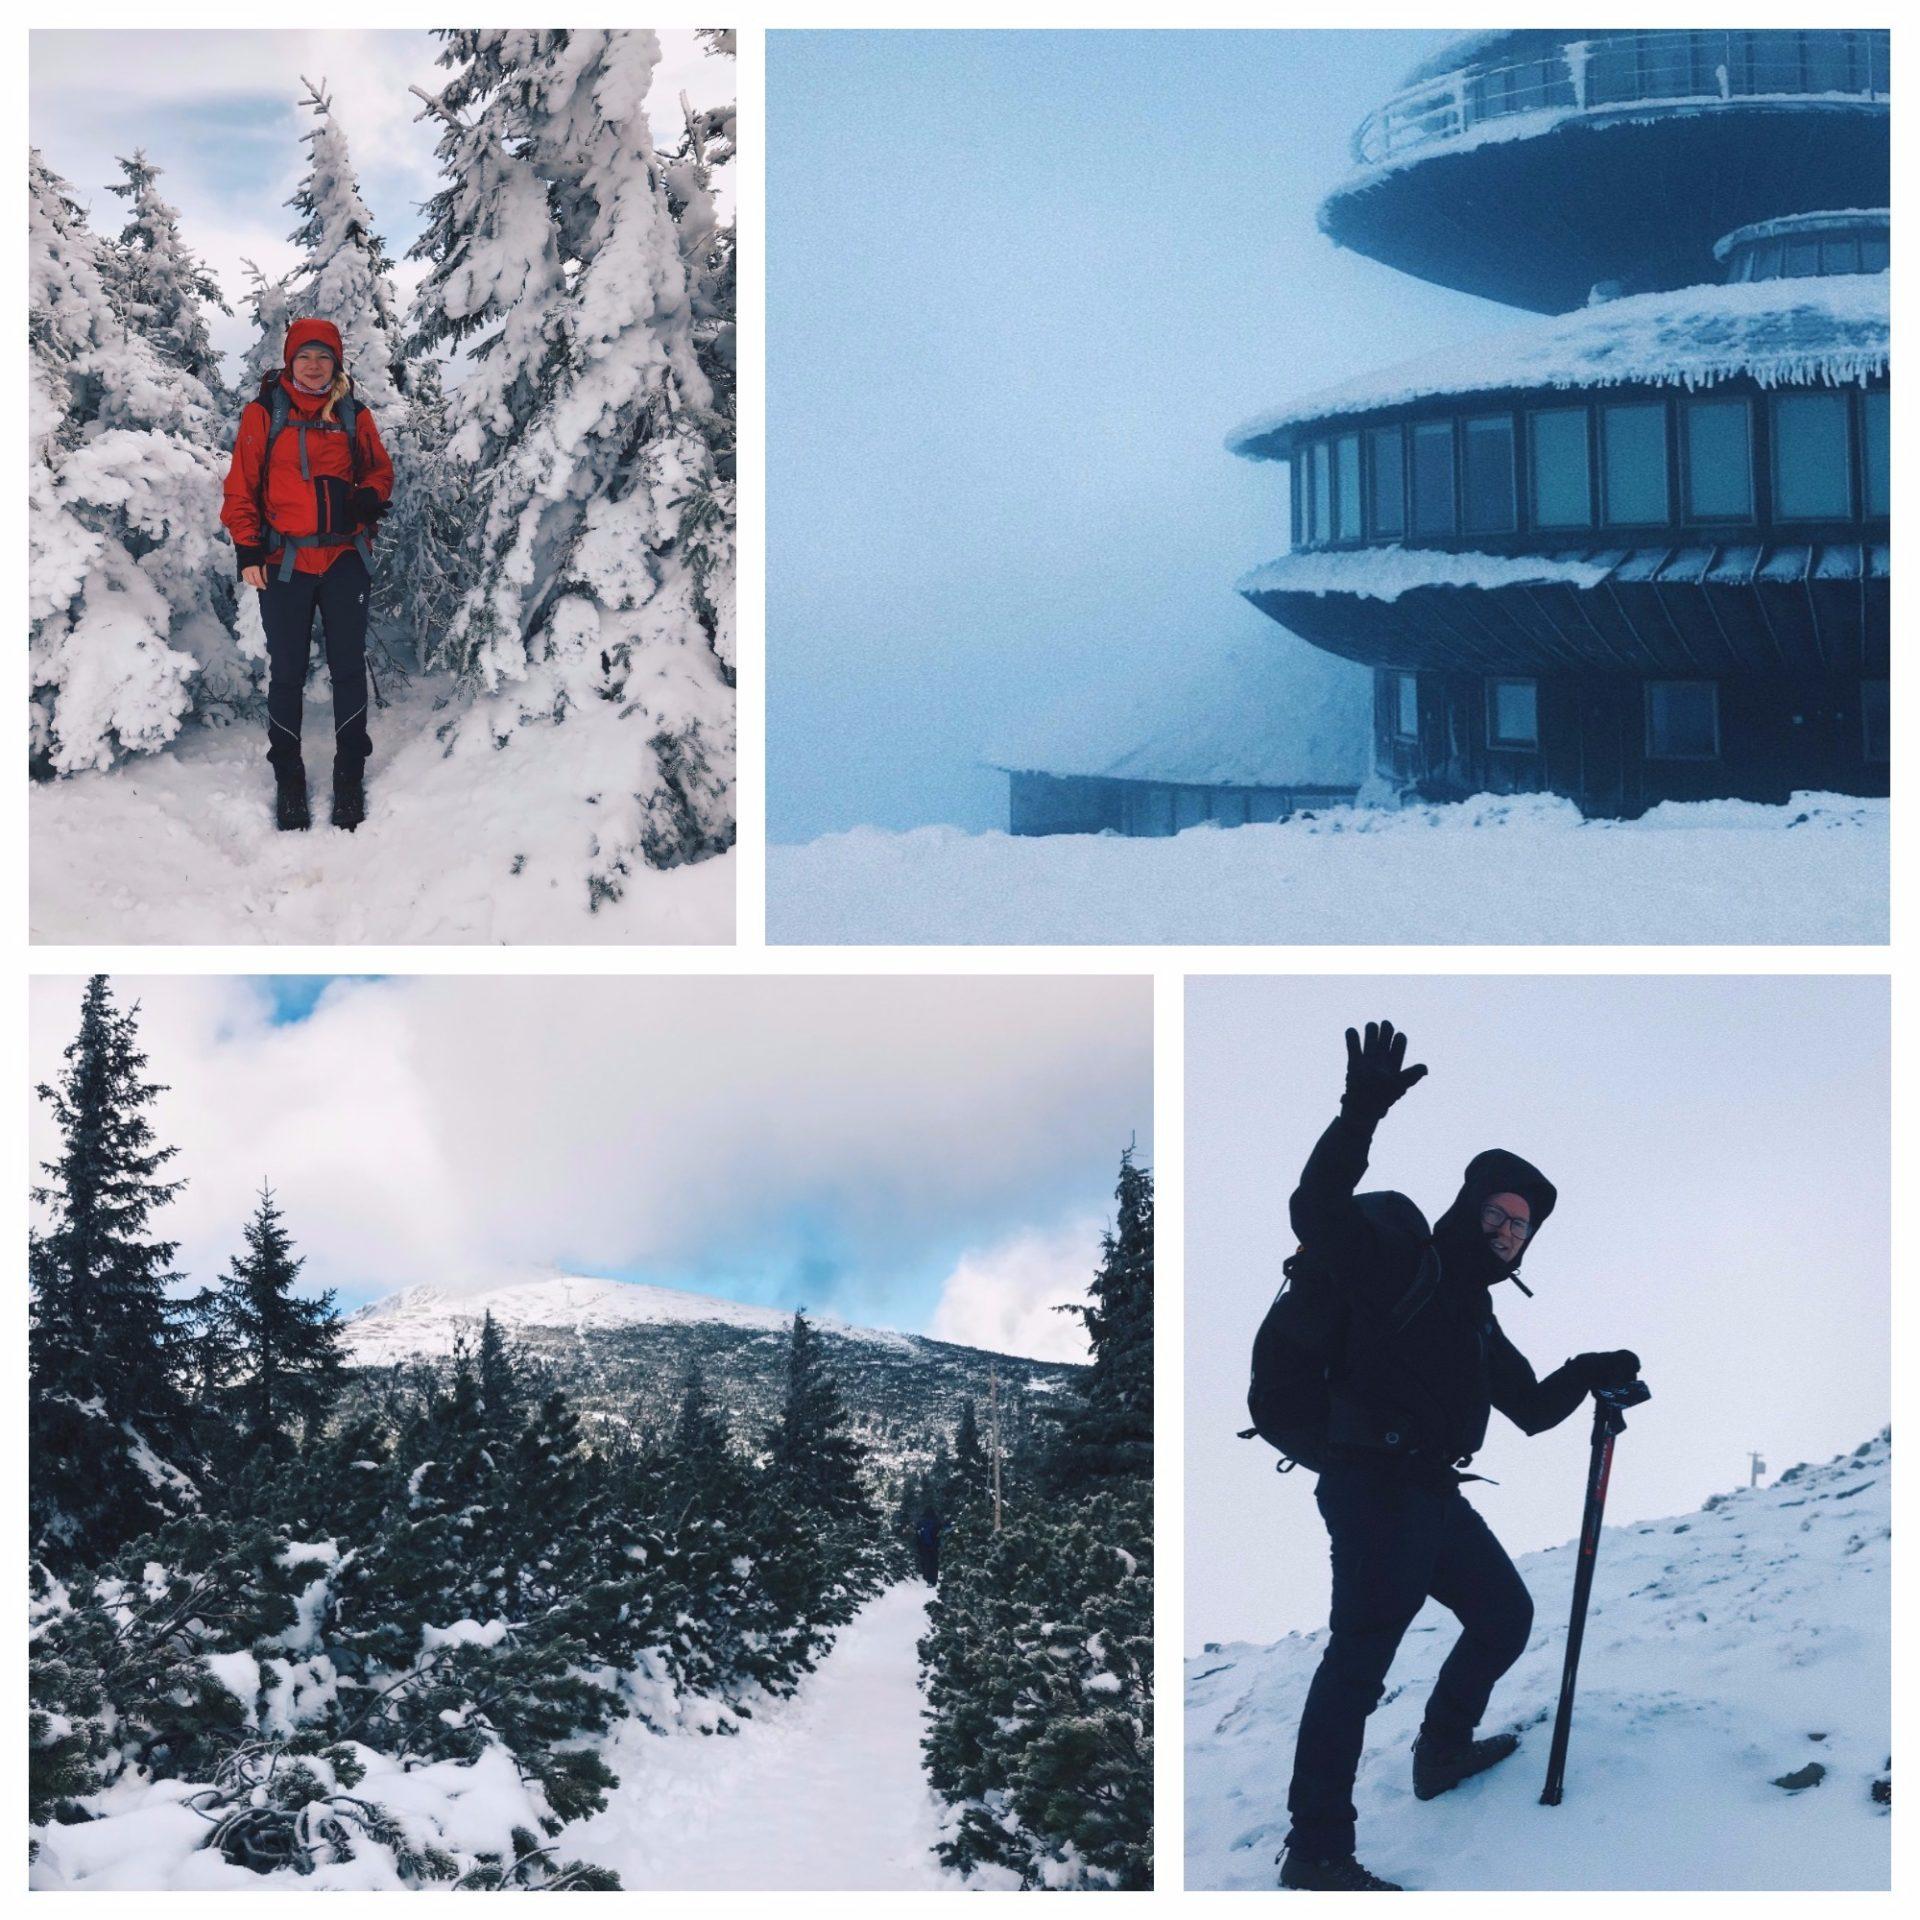 sněžka, hory, krkonoše, turistika, sníh